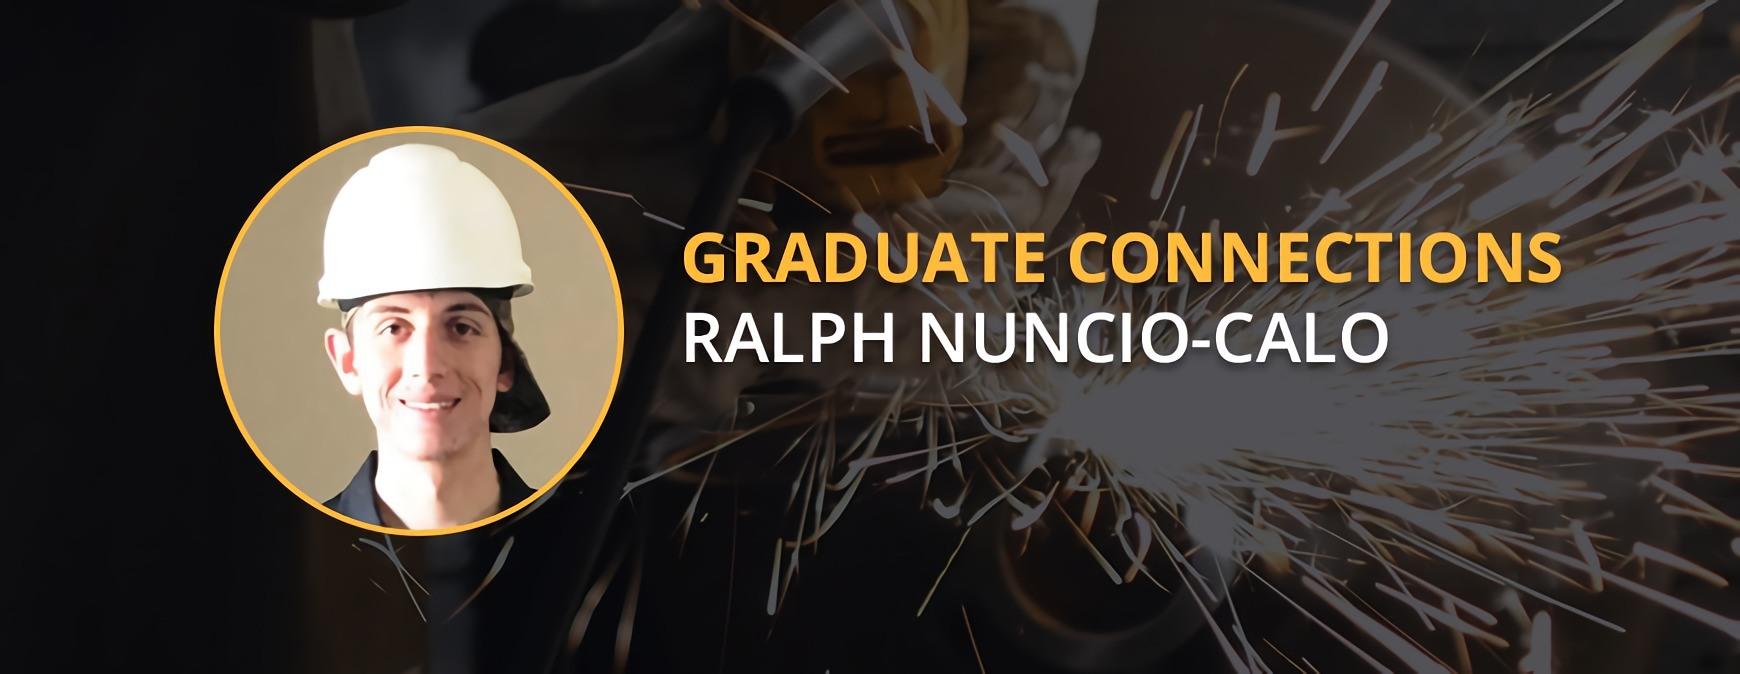 Ralph Nuncio-Calo Graduate Connection